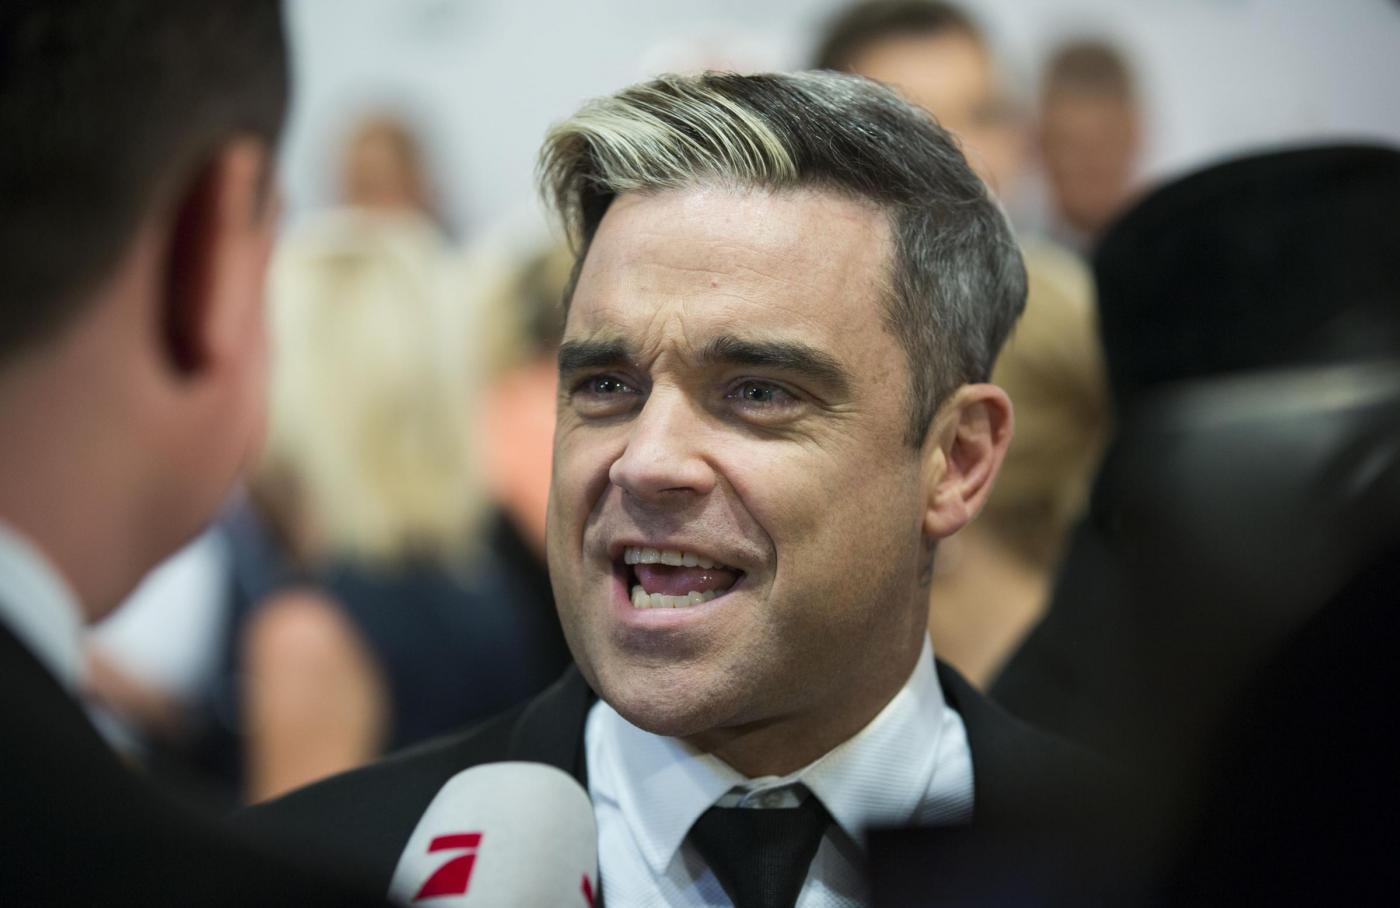 Robbie Williams compie 40 anni03